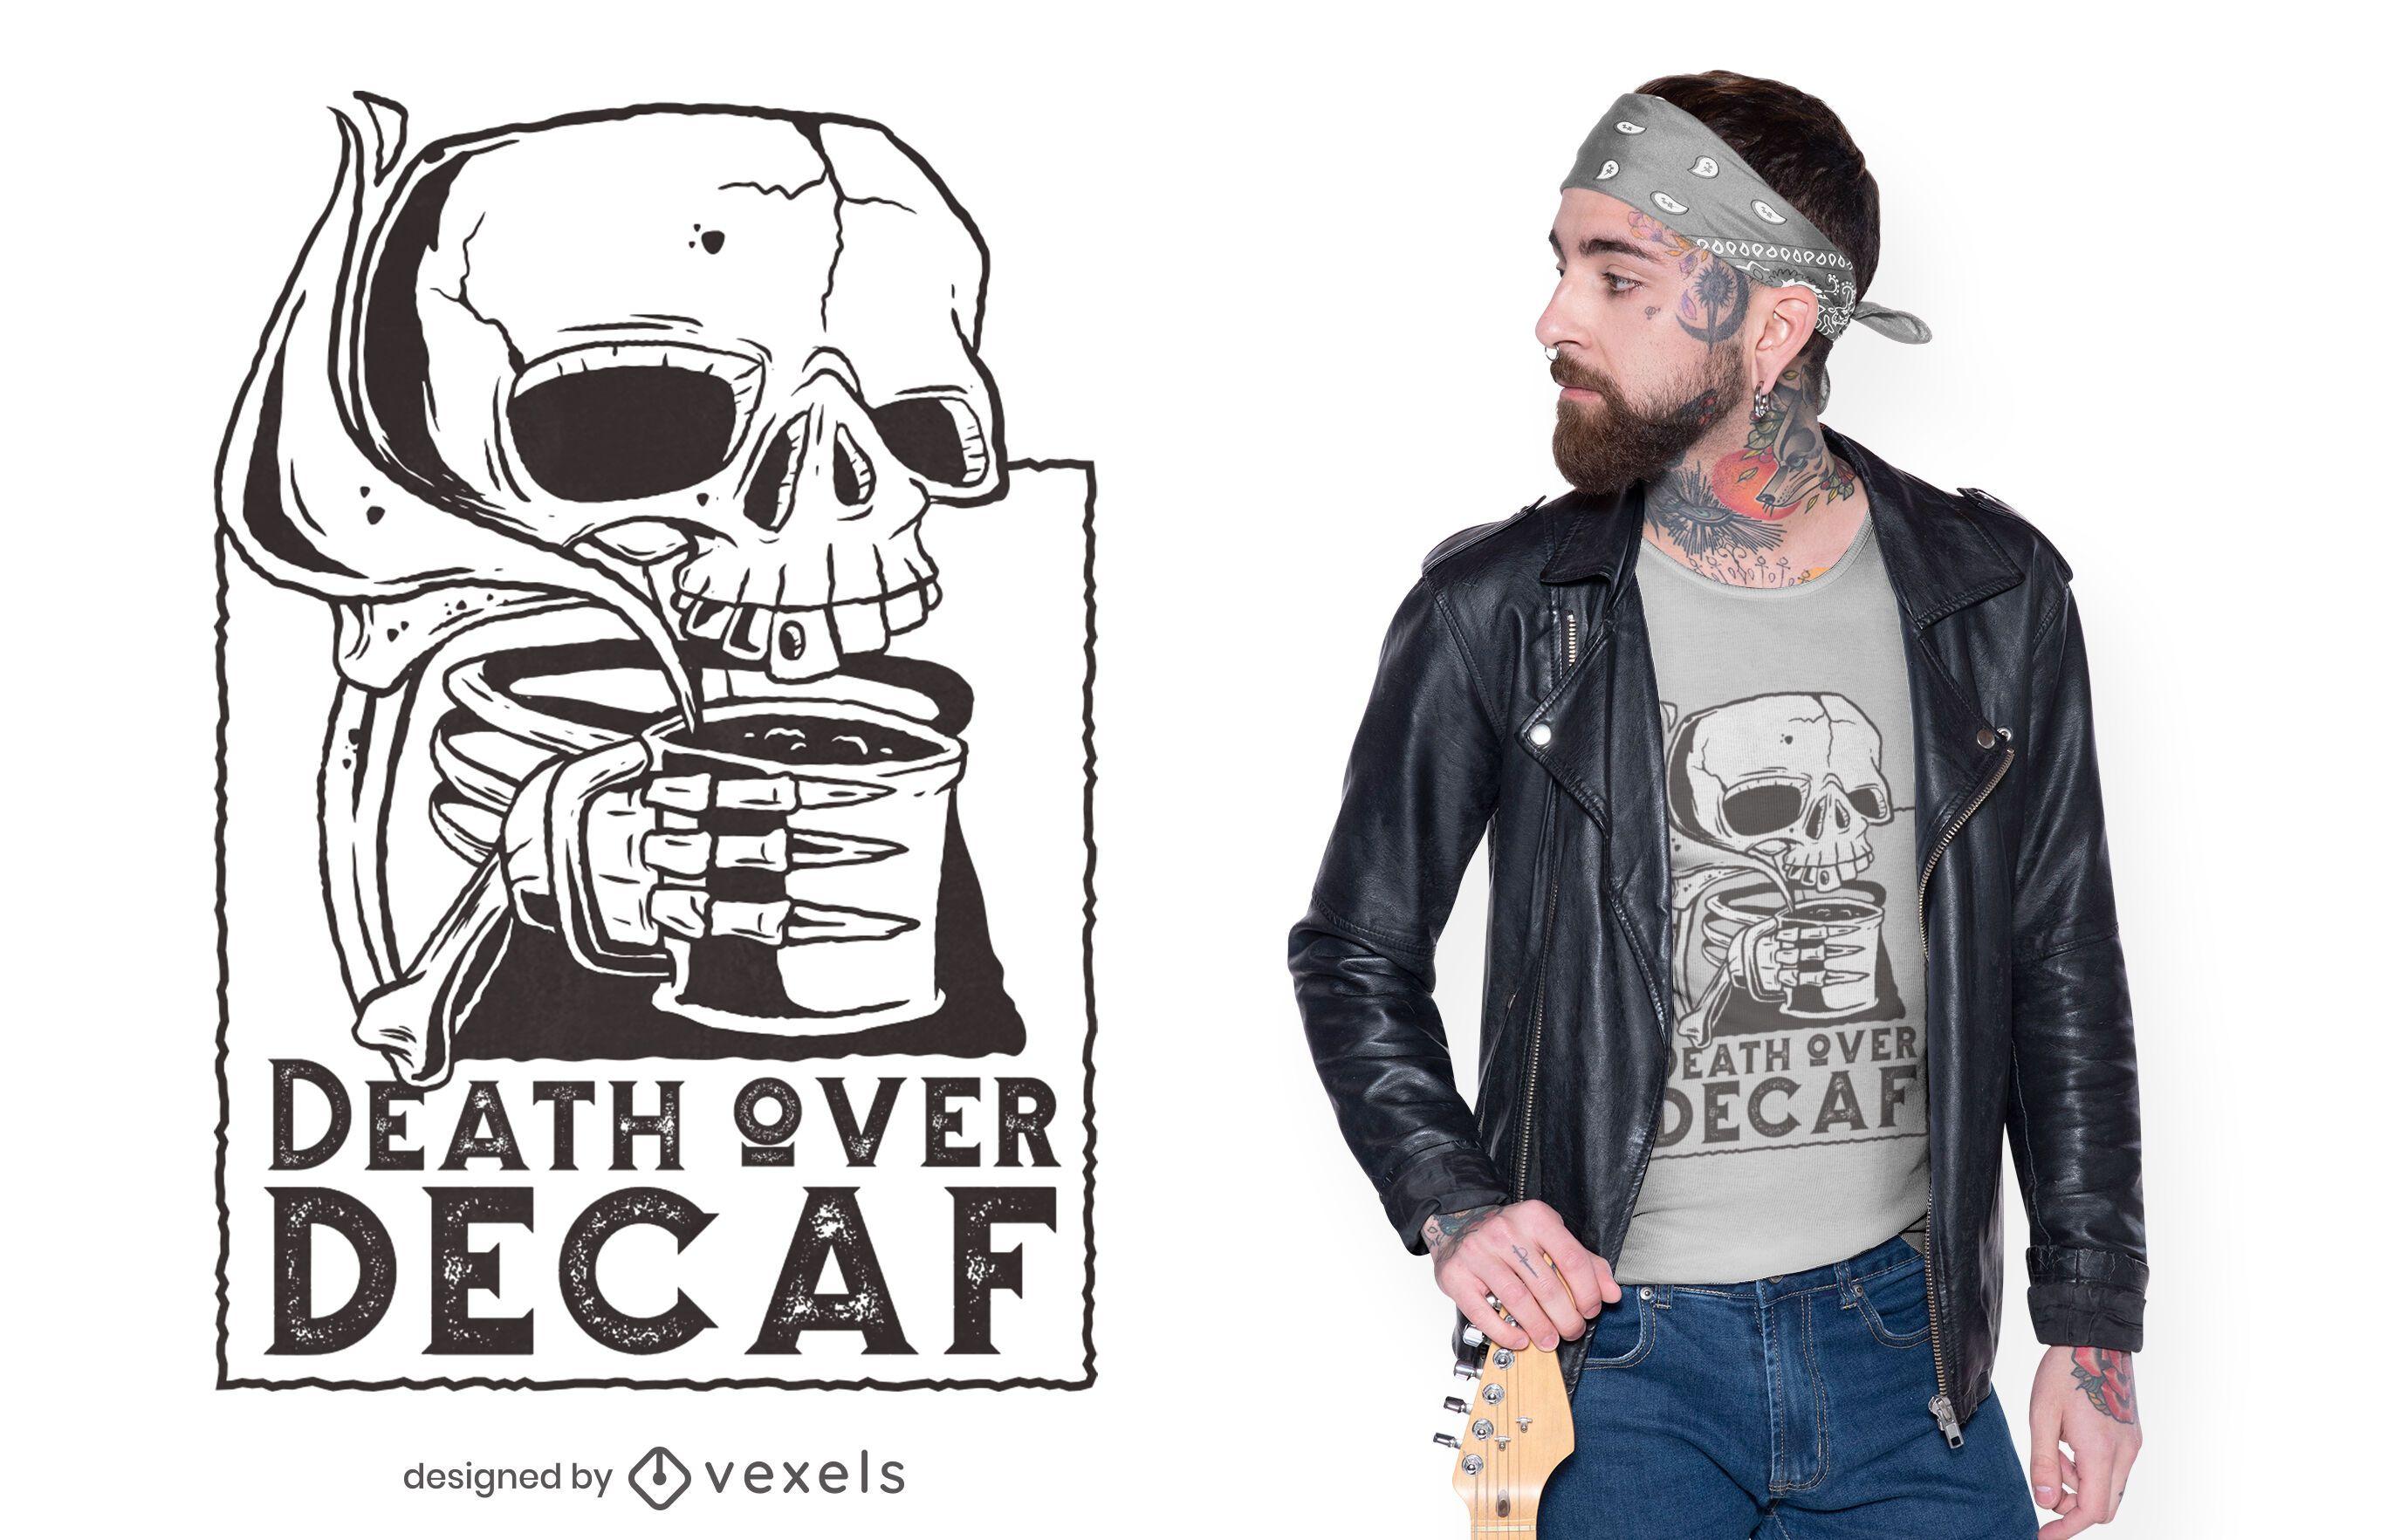 Death over decaf t-shirt design